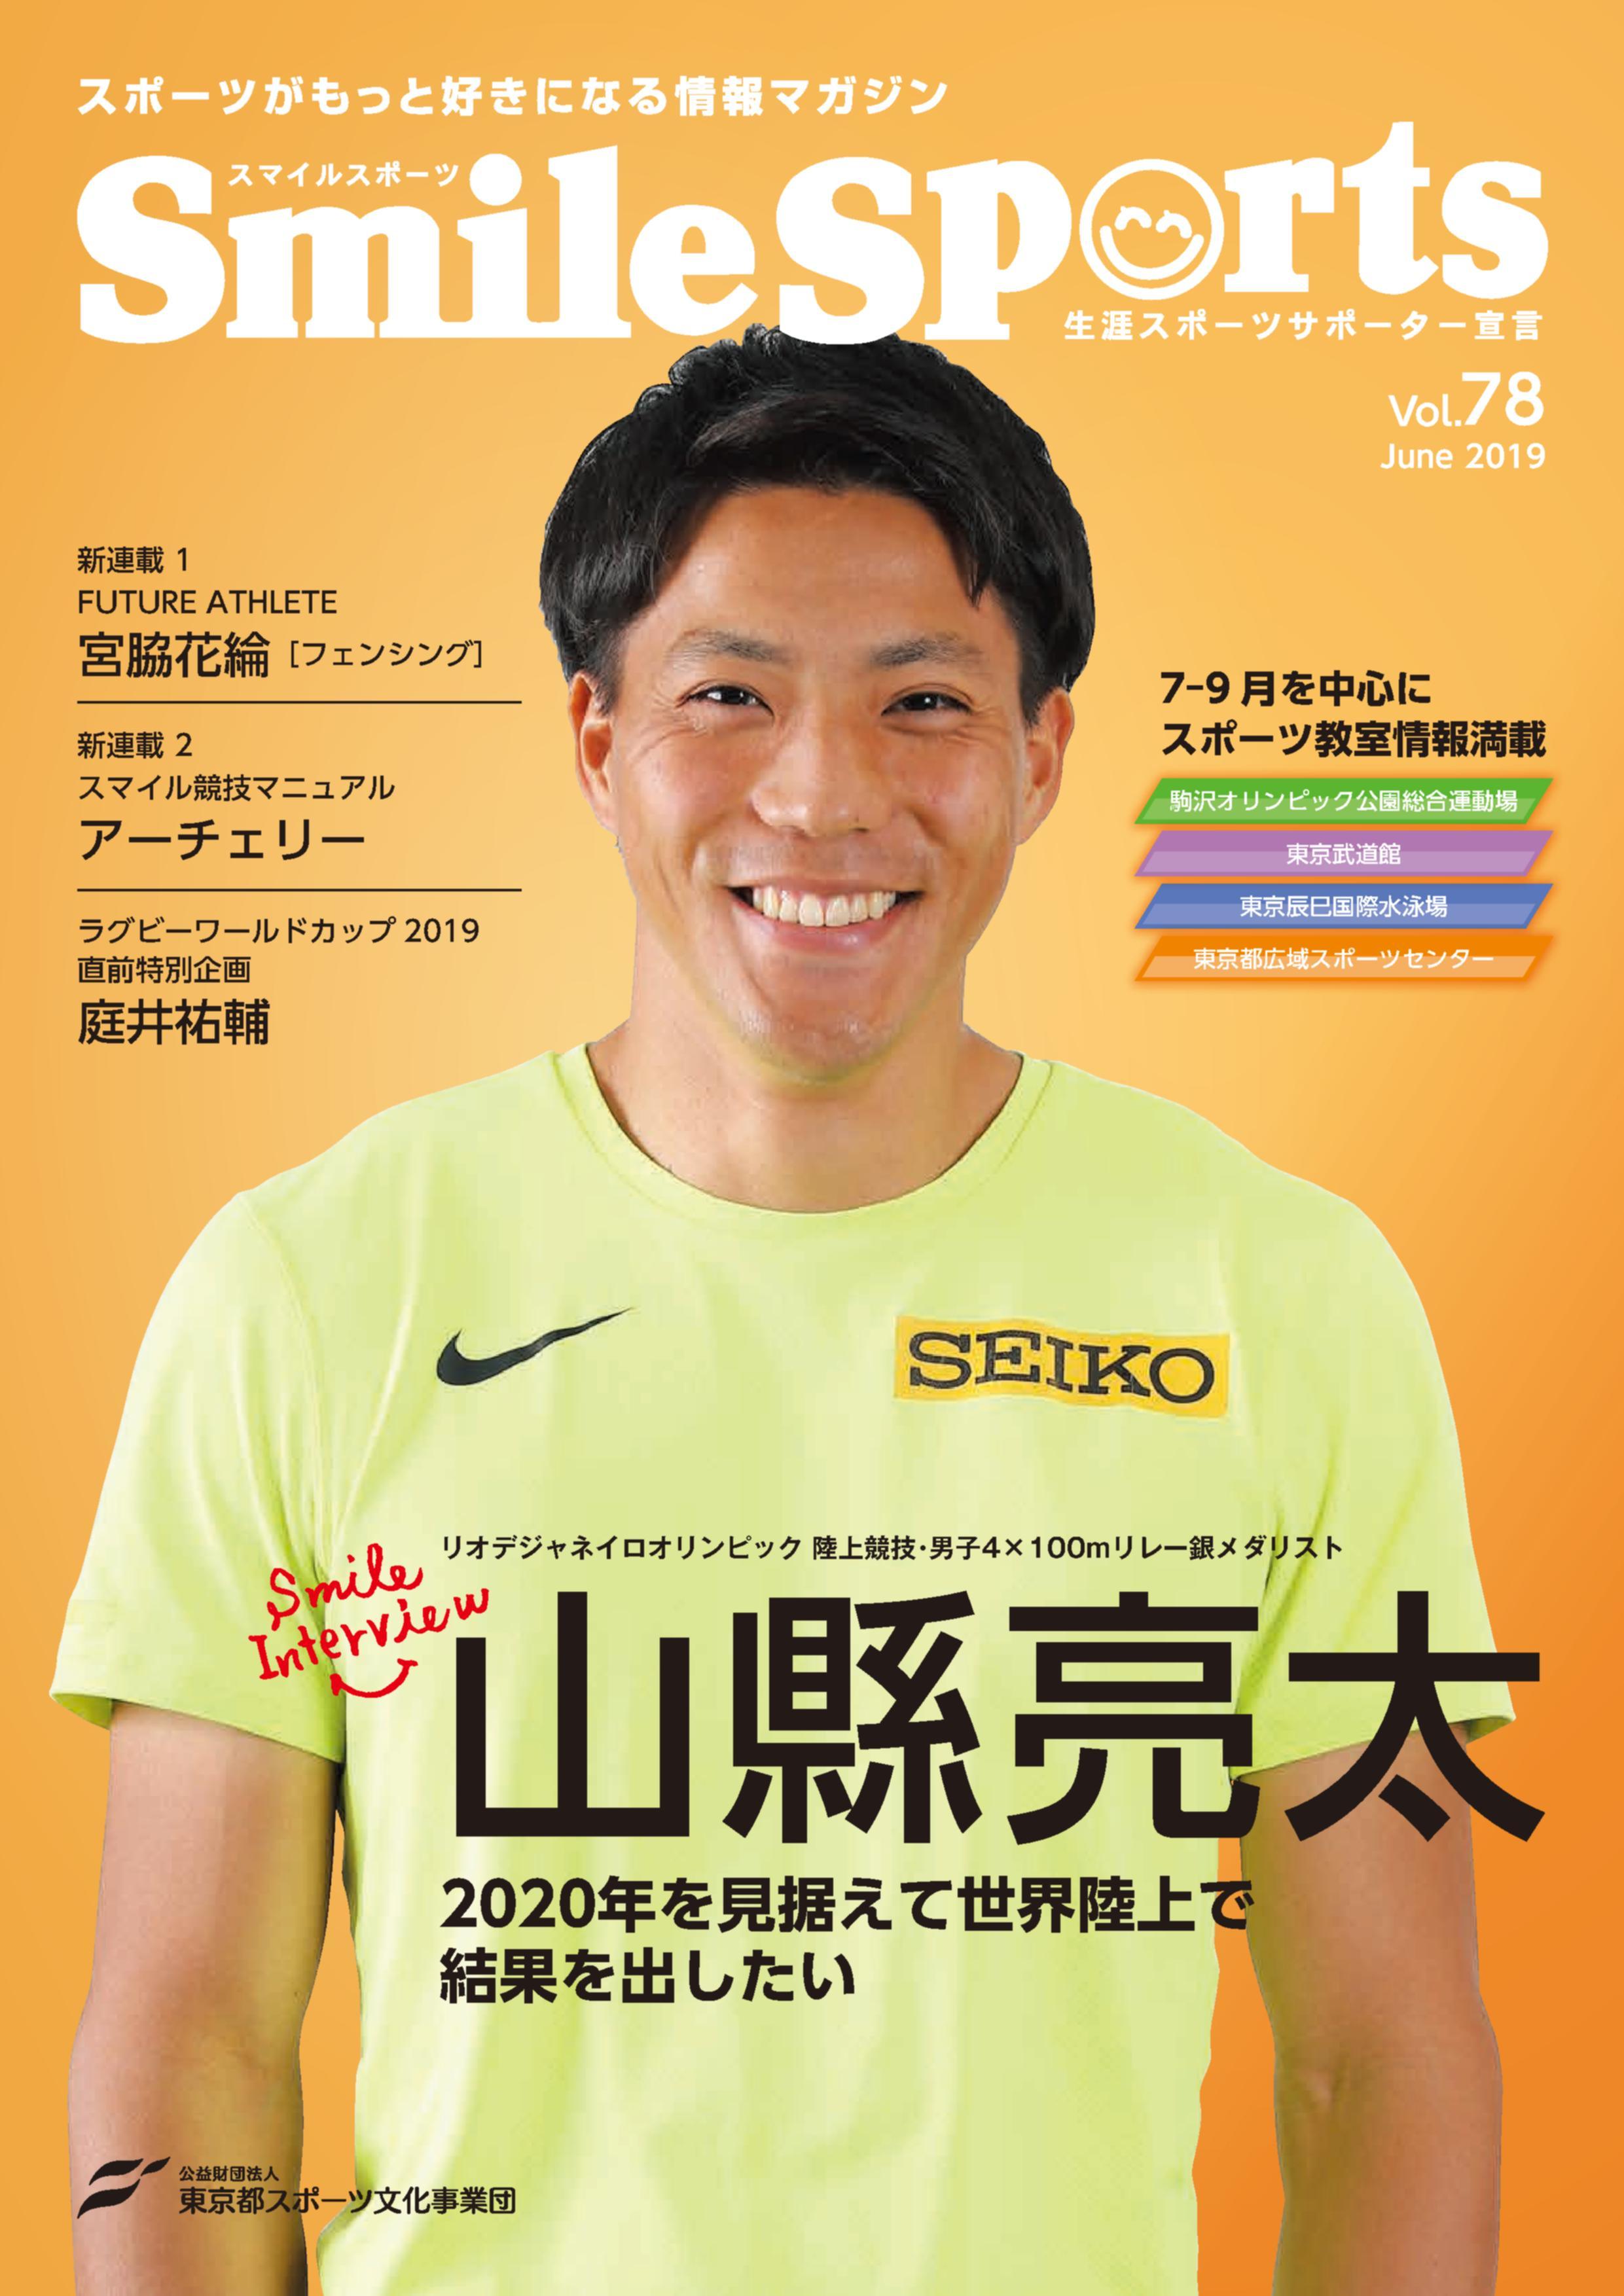 Smile Sports Vol.78 レシピコーナーを監修しました